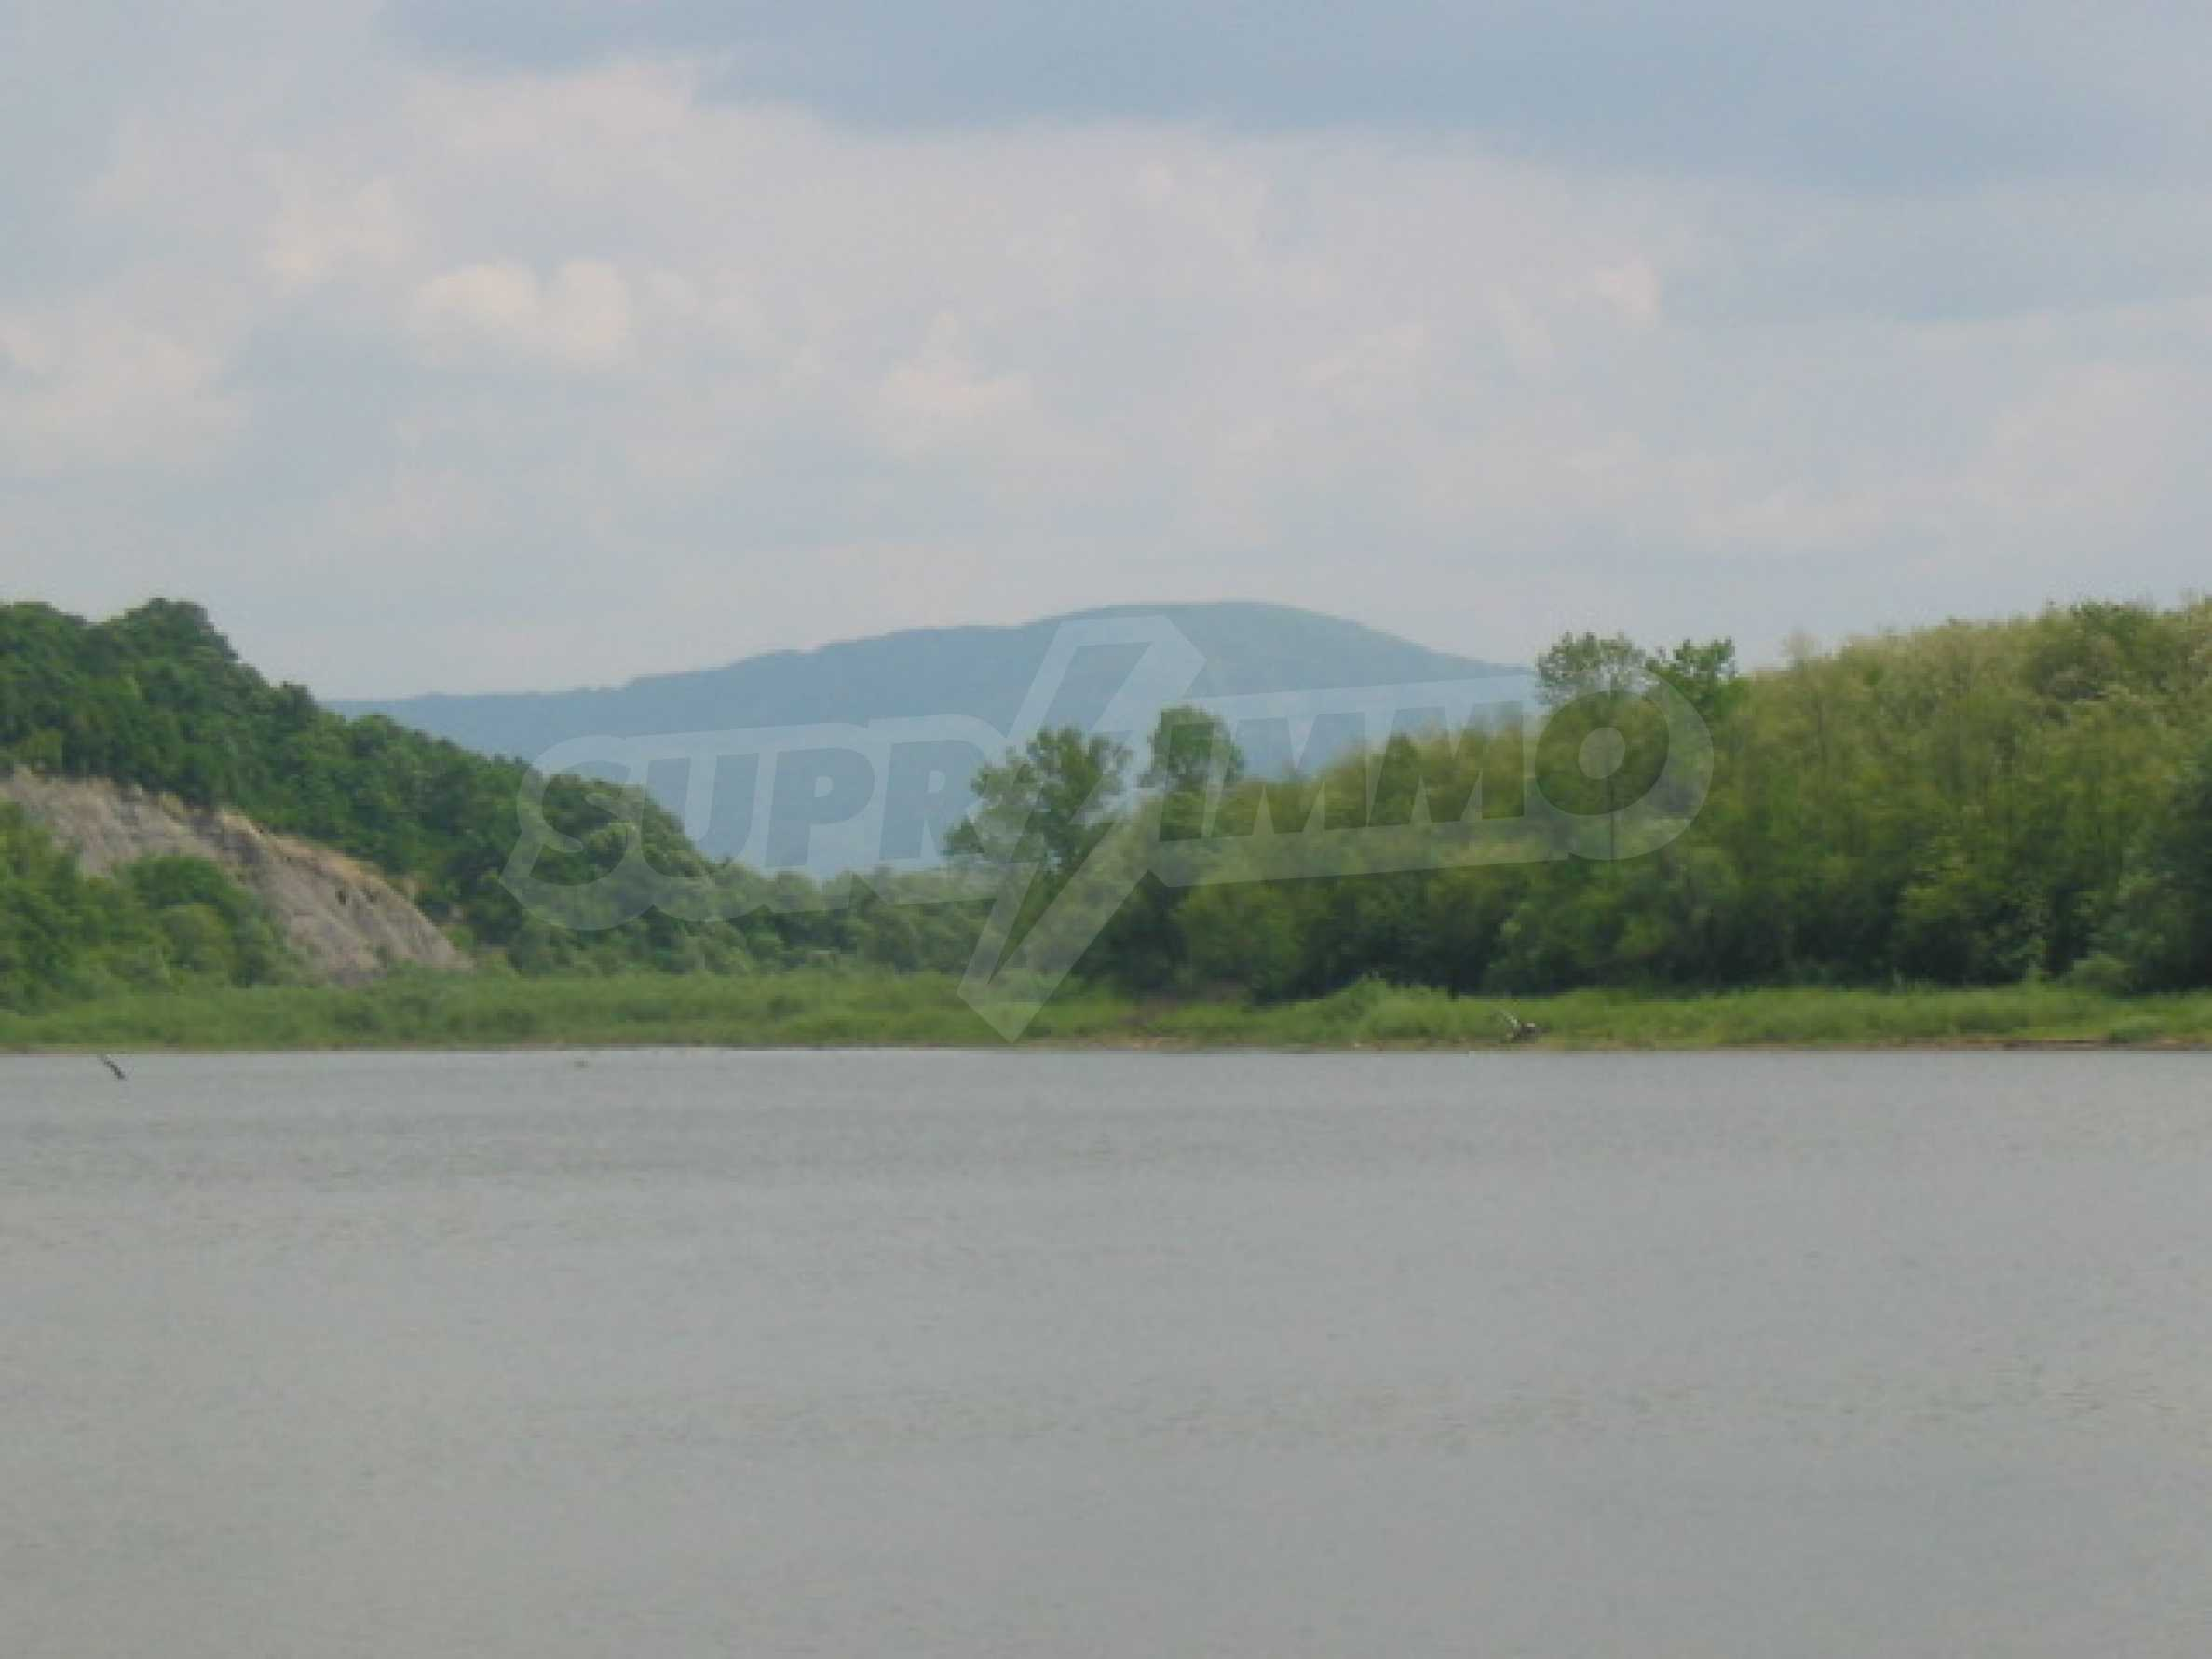 Damm mit angrenzendem Land 7 km von Veliko Tarnovo entfernt 7